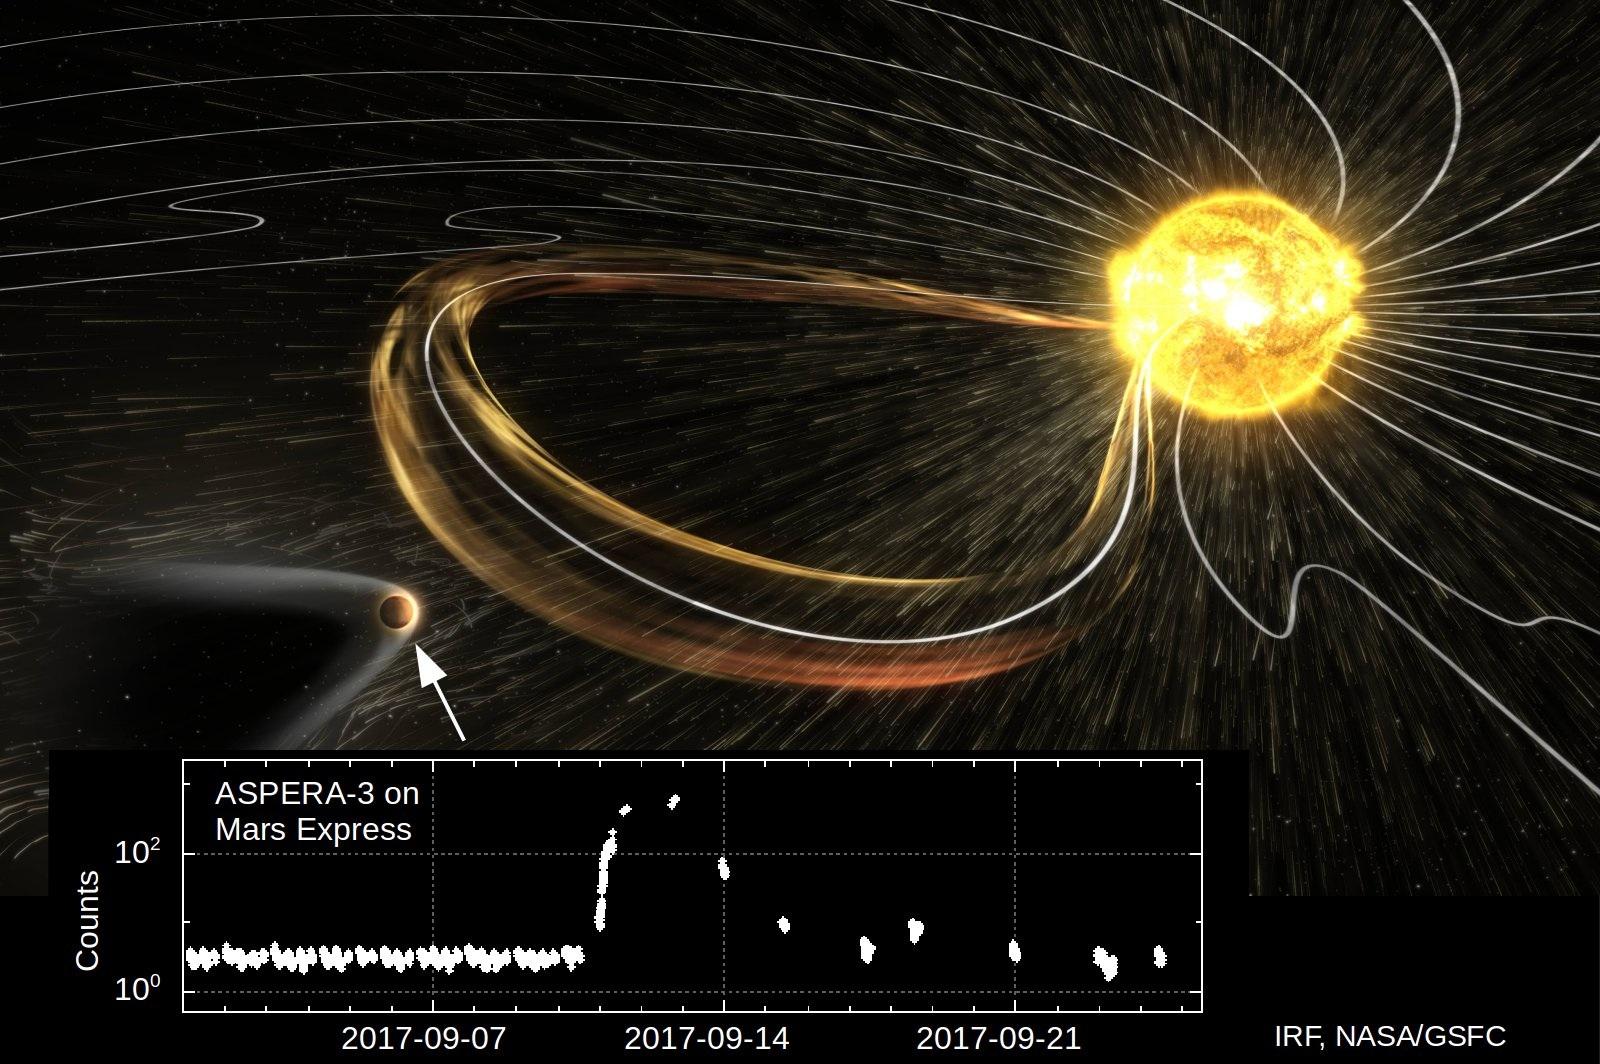 Mars träffas av energirika partiklar från ett utbrott på solen enligt mätningar av instrumentet ASPERA-3 ombord på satelliten Mars Express. (Bild: IRF, NASA/GSFC)